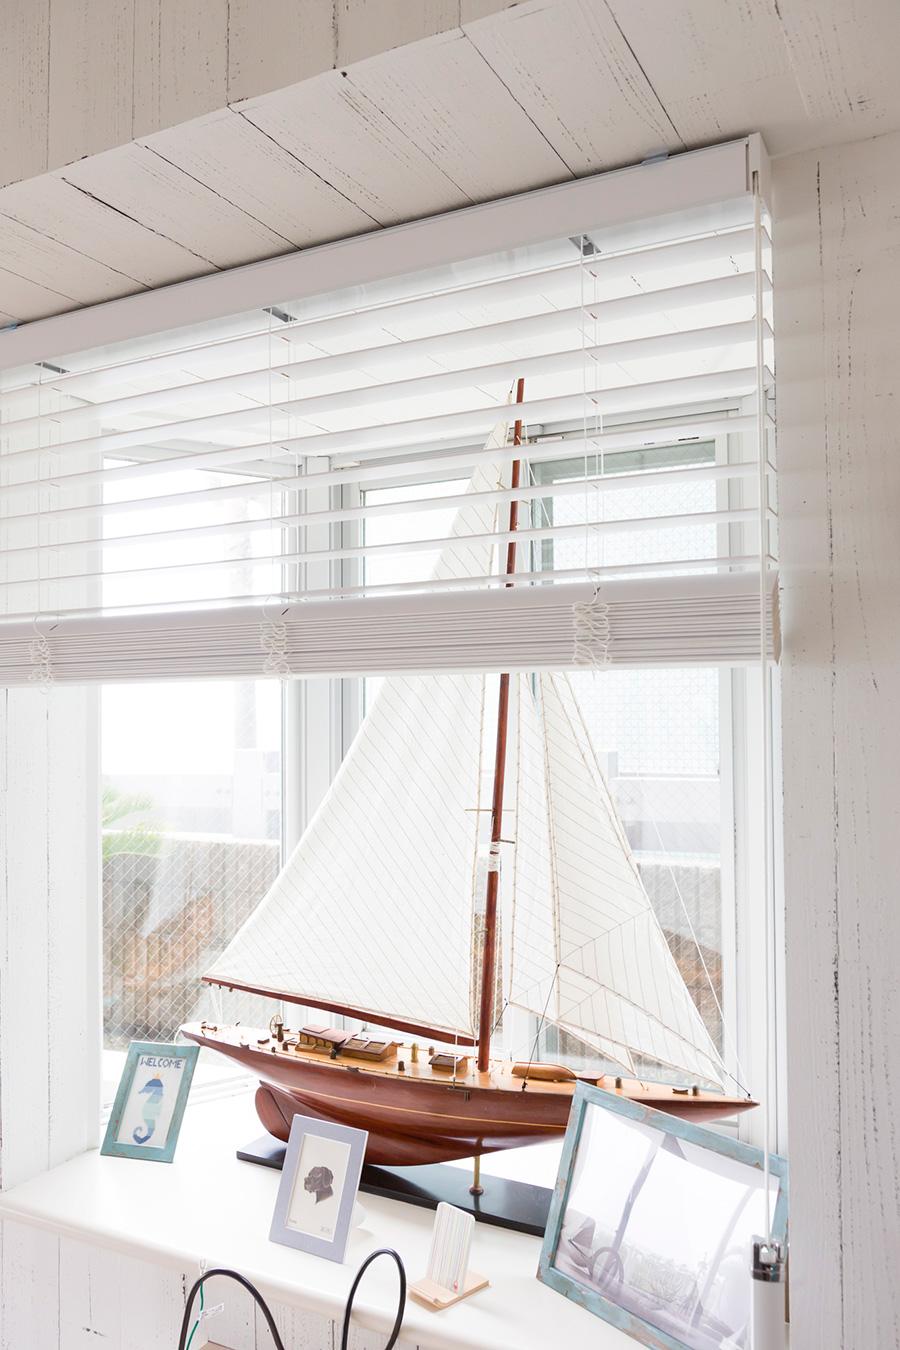 ヨットの模型を出窓に飾って、ビーチハウスならではのコーナーを作っている。